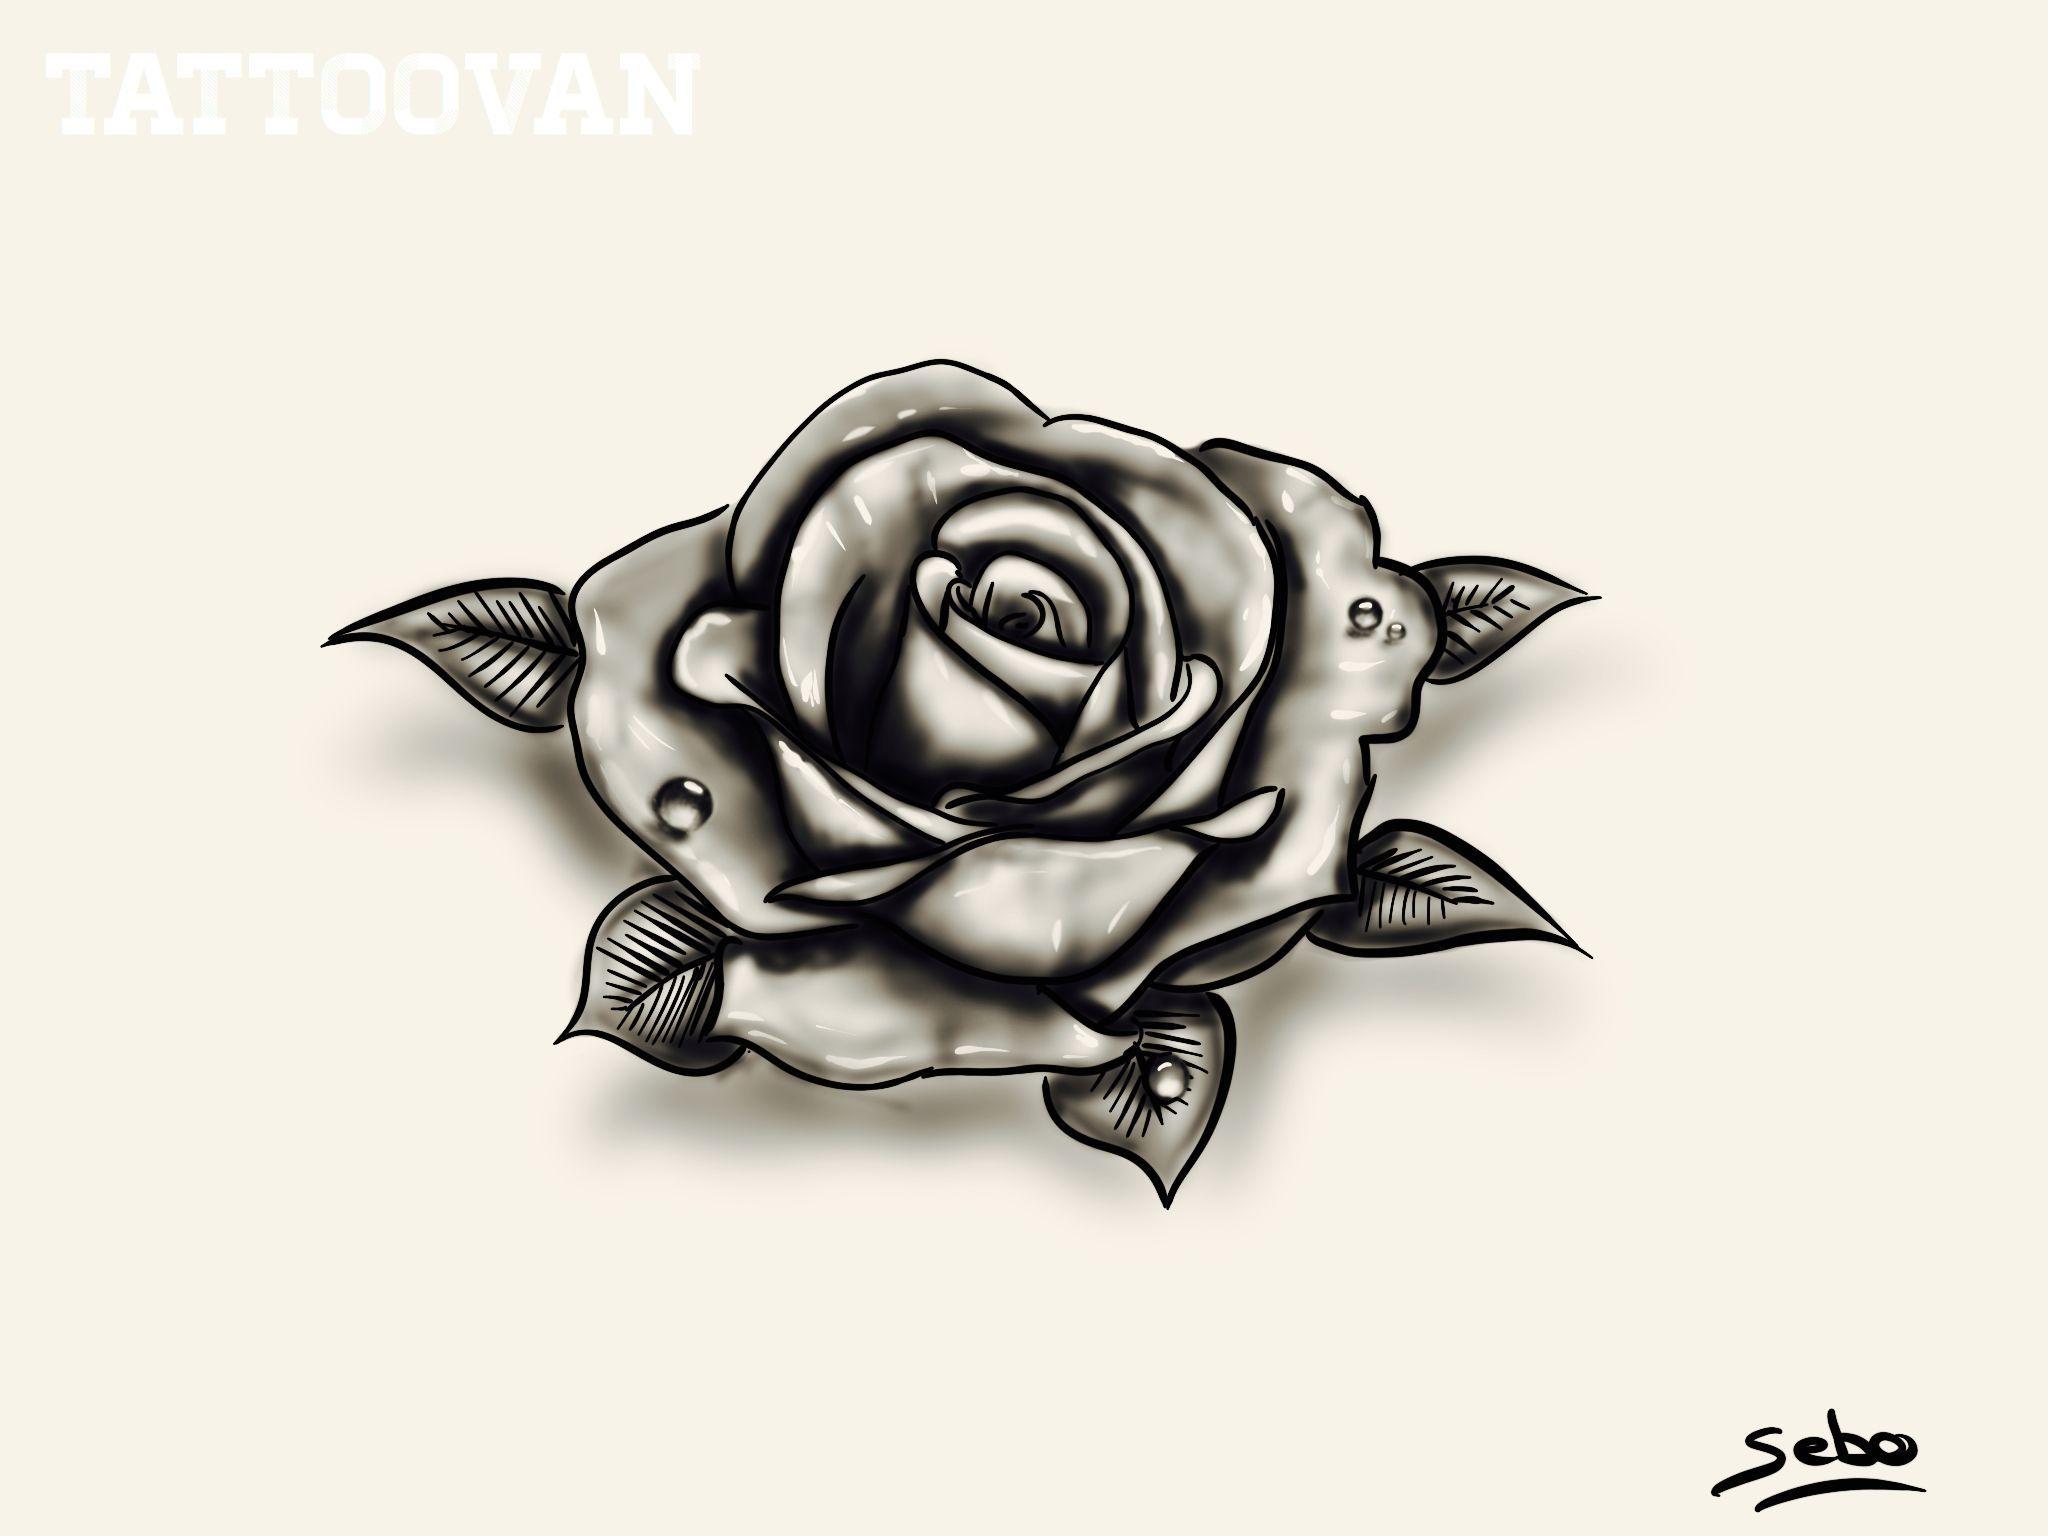 Rose Dessin Tatouage Tattoo Realiste By Sebo Dessin Tatouage Tatouage Dessin